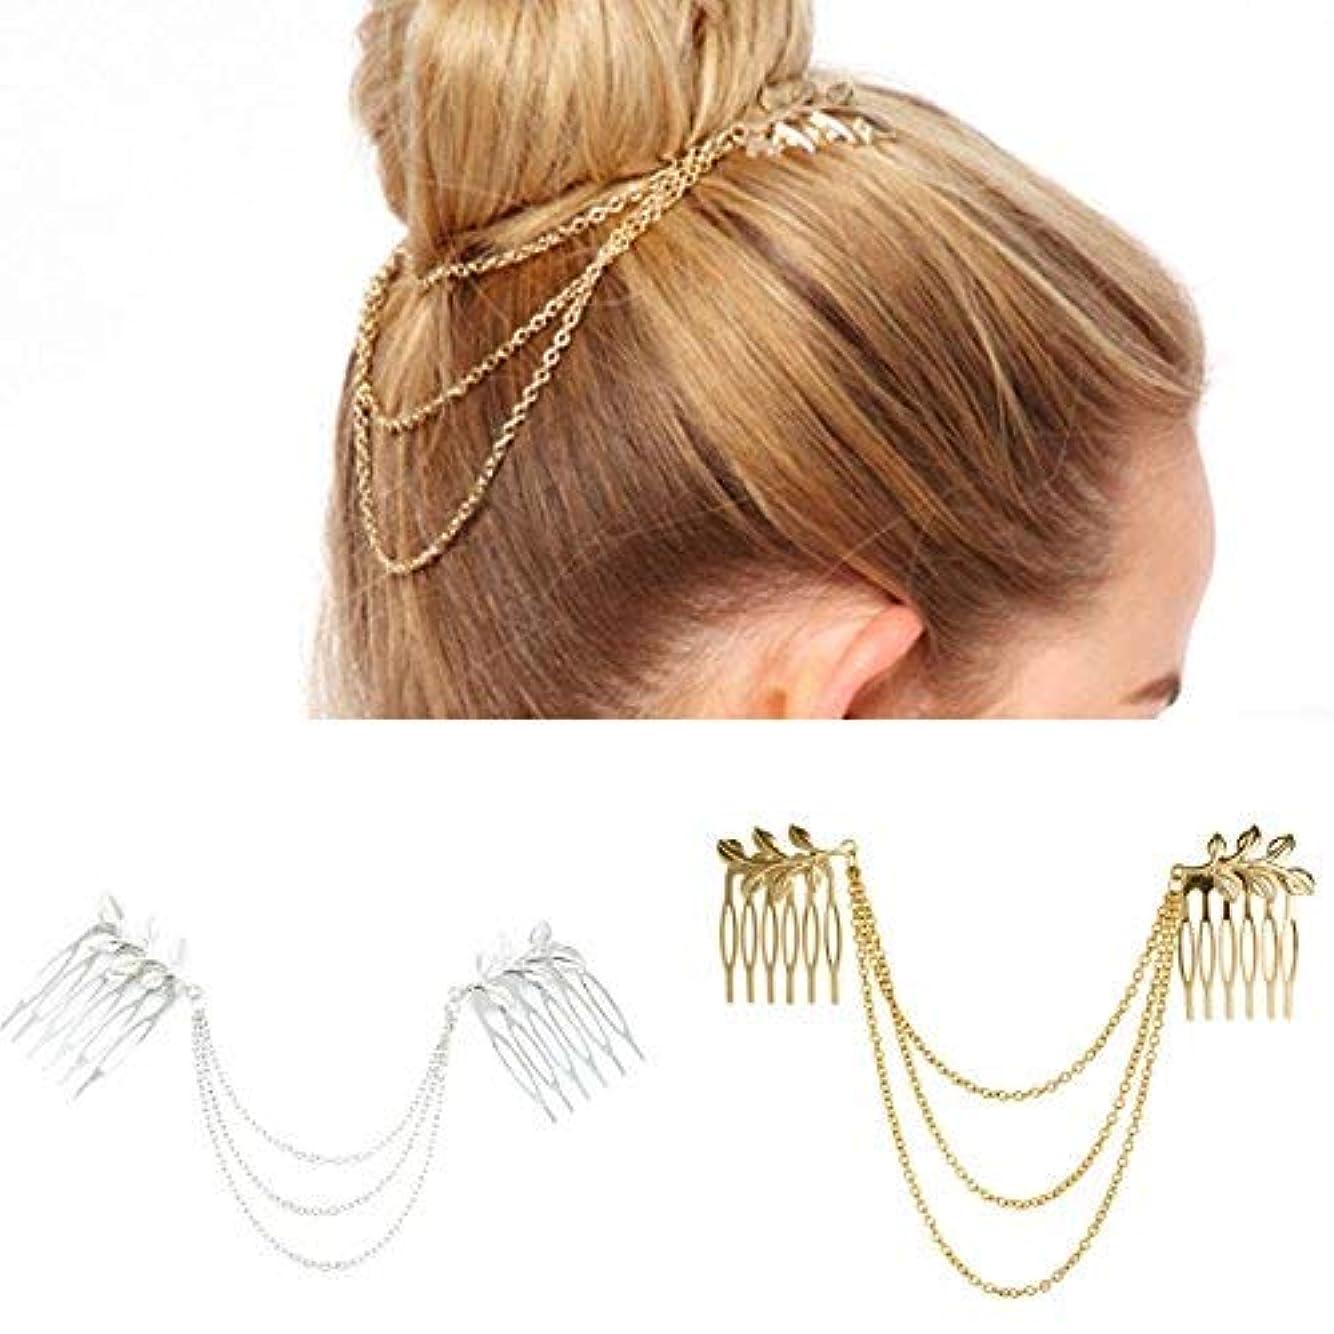 賞連邦確保するNumblartd 2 Pcs Women BOHO Chic Metal Leaf Chain Tassel Headband Hair Comb - Fashion Fringe Hair Clip Pins Hairpin...